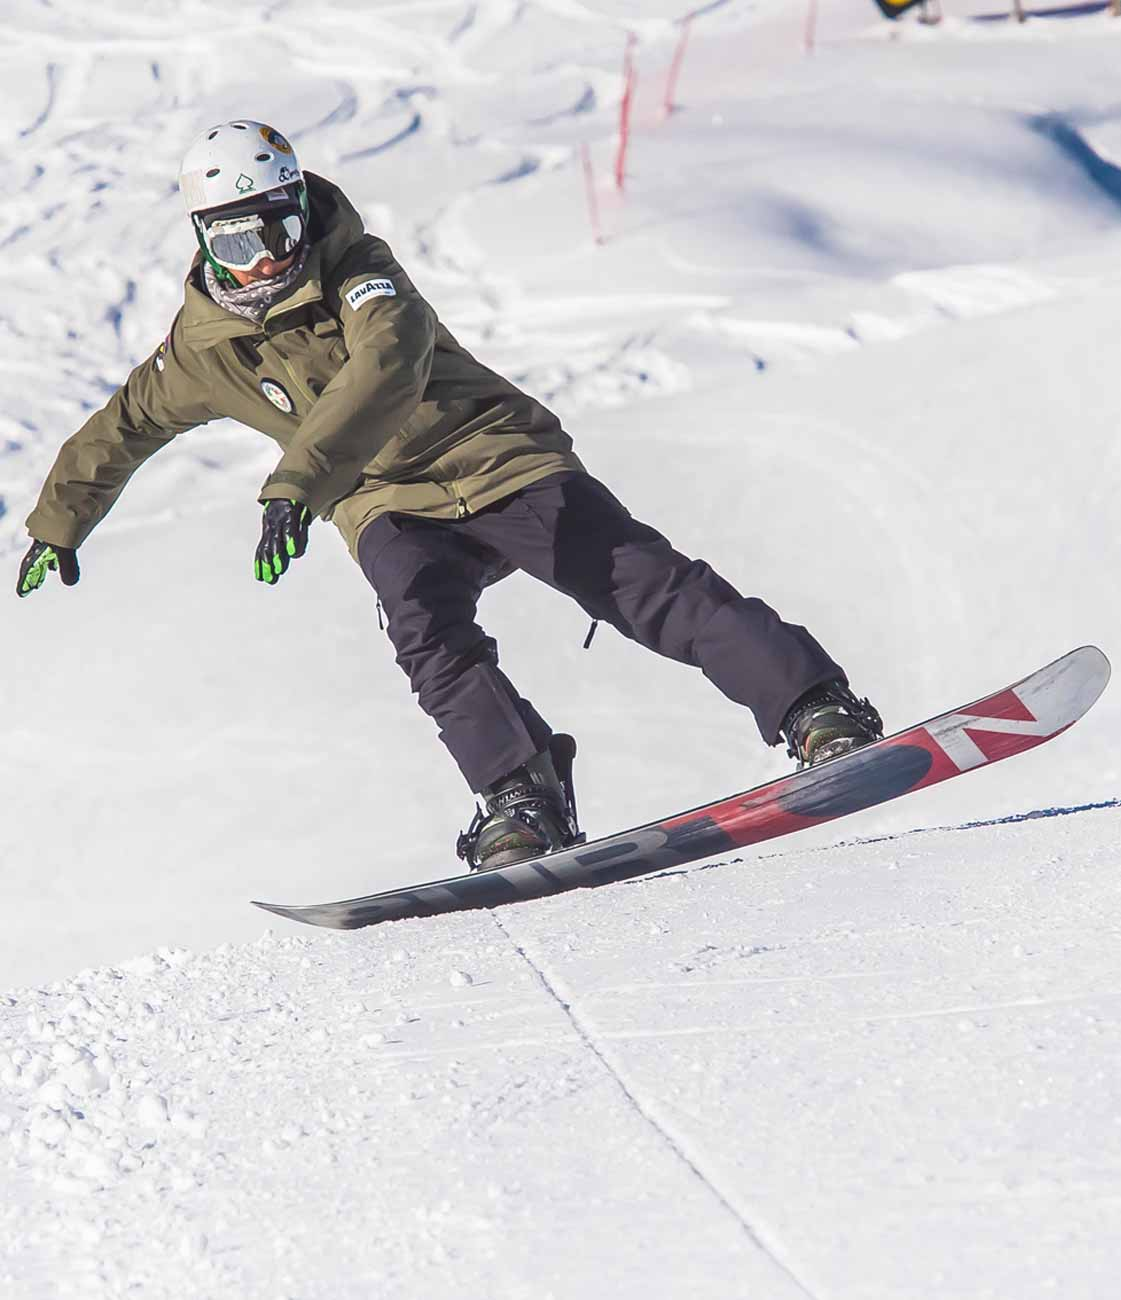 scuola-sci-livigno-italy-snowboard-1.jpg